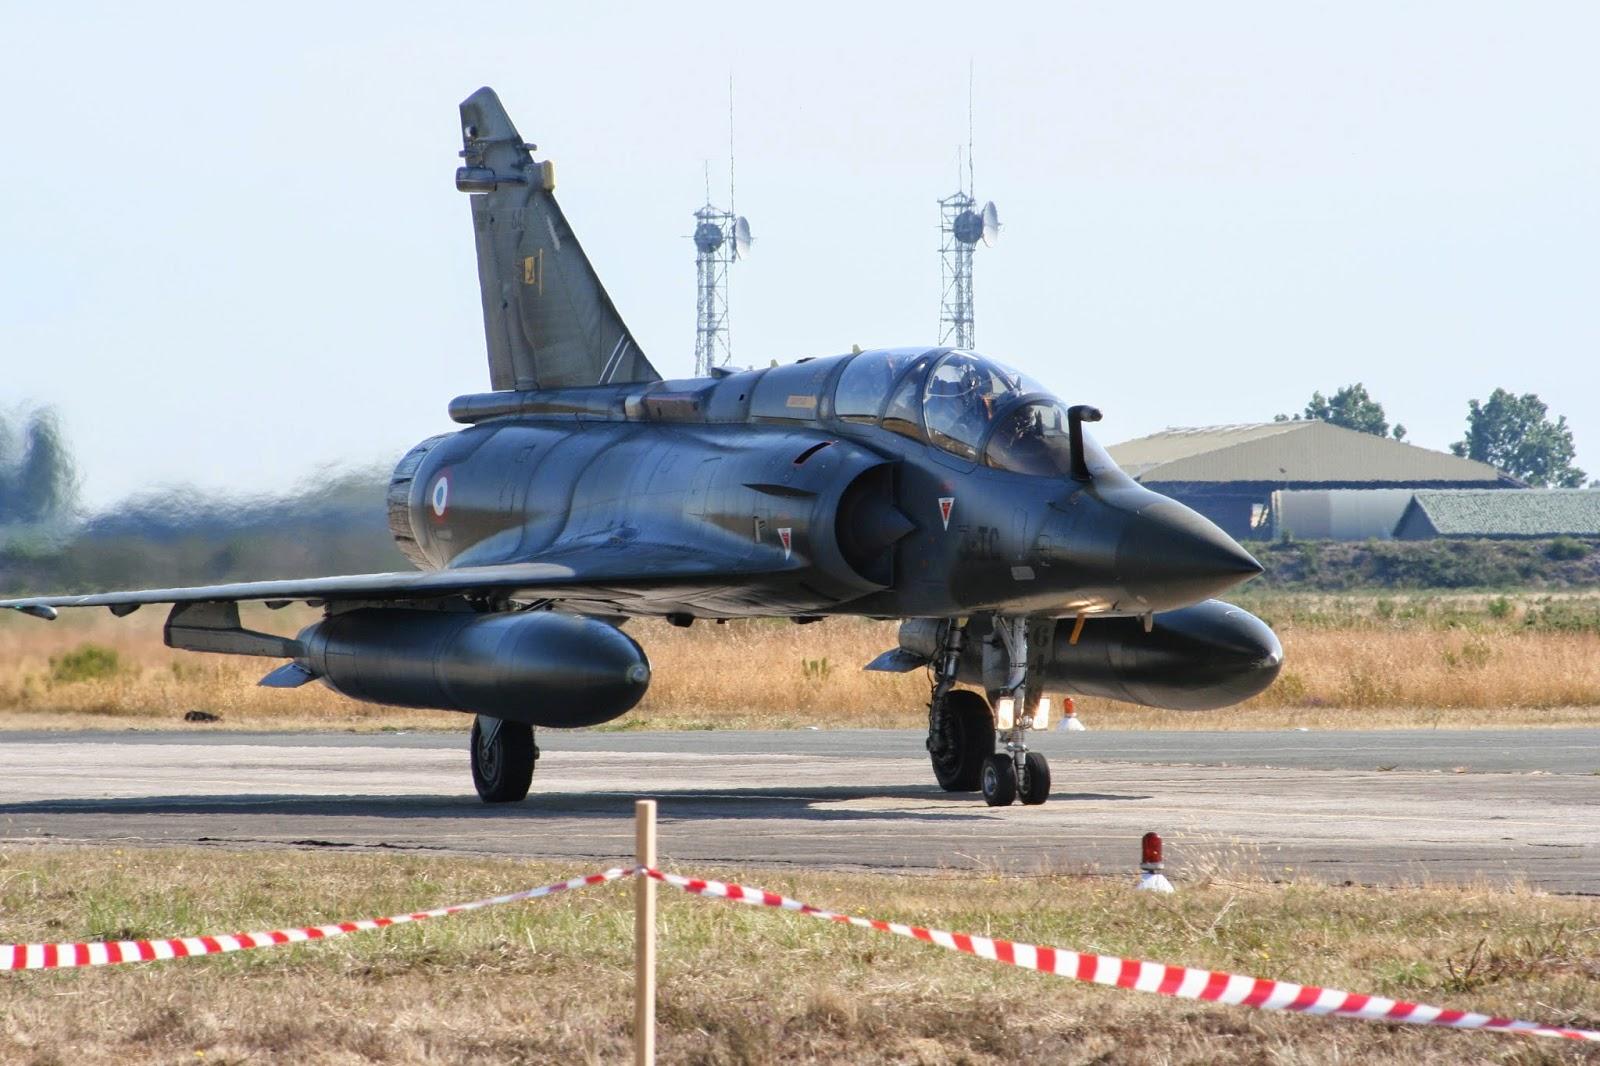 Opération Serval: un Mirage 2000 s'est écrasé en retour de mission.